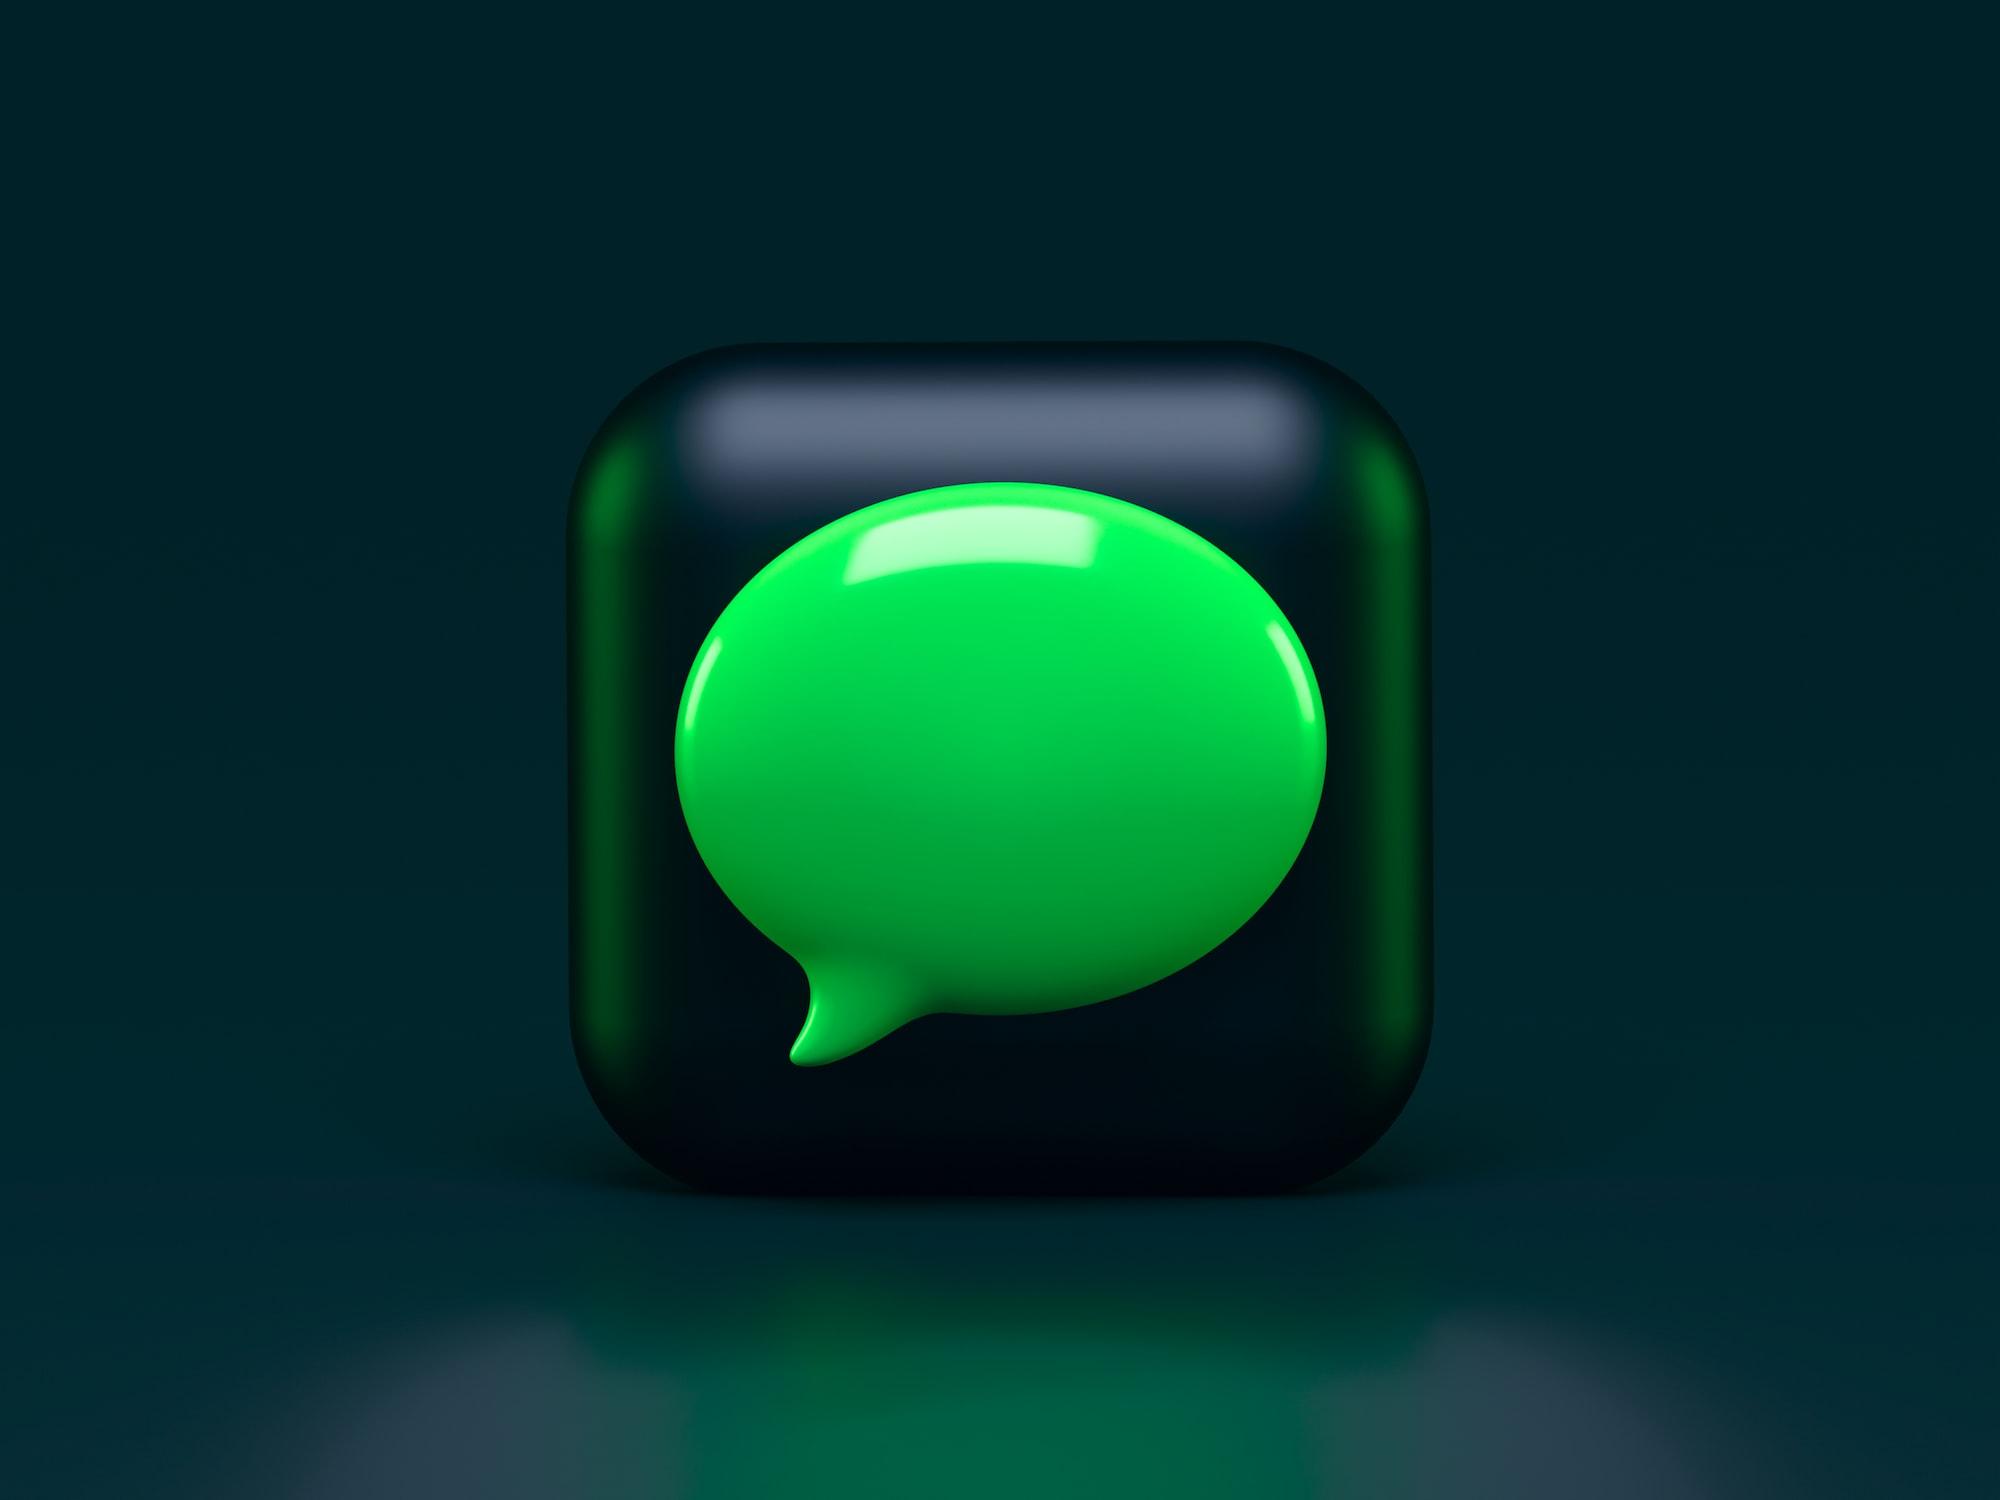 码市更新:微信通知消息